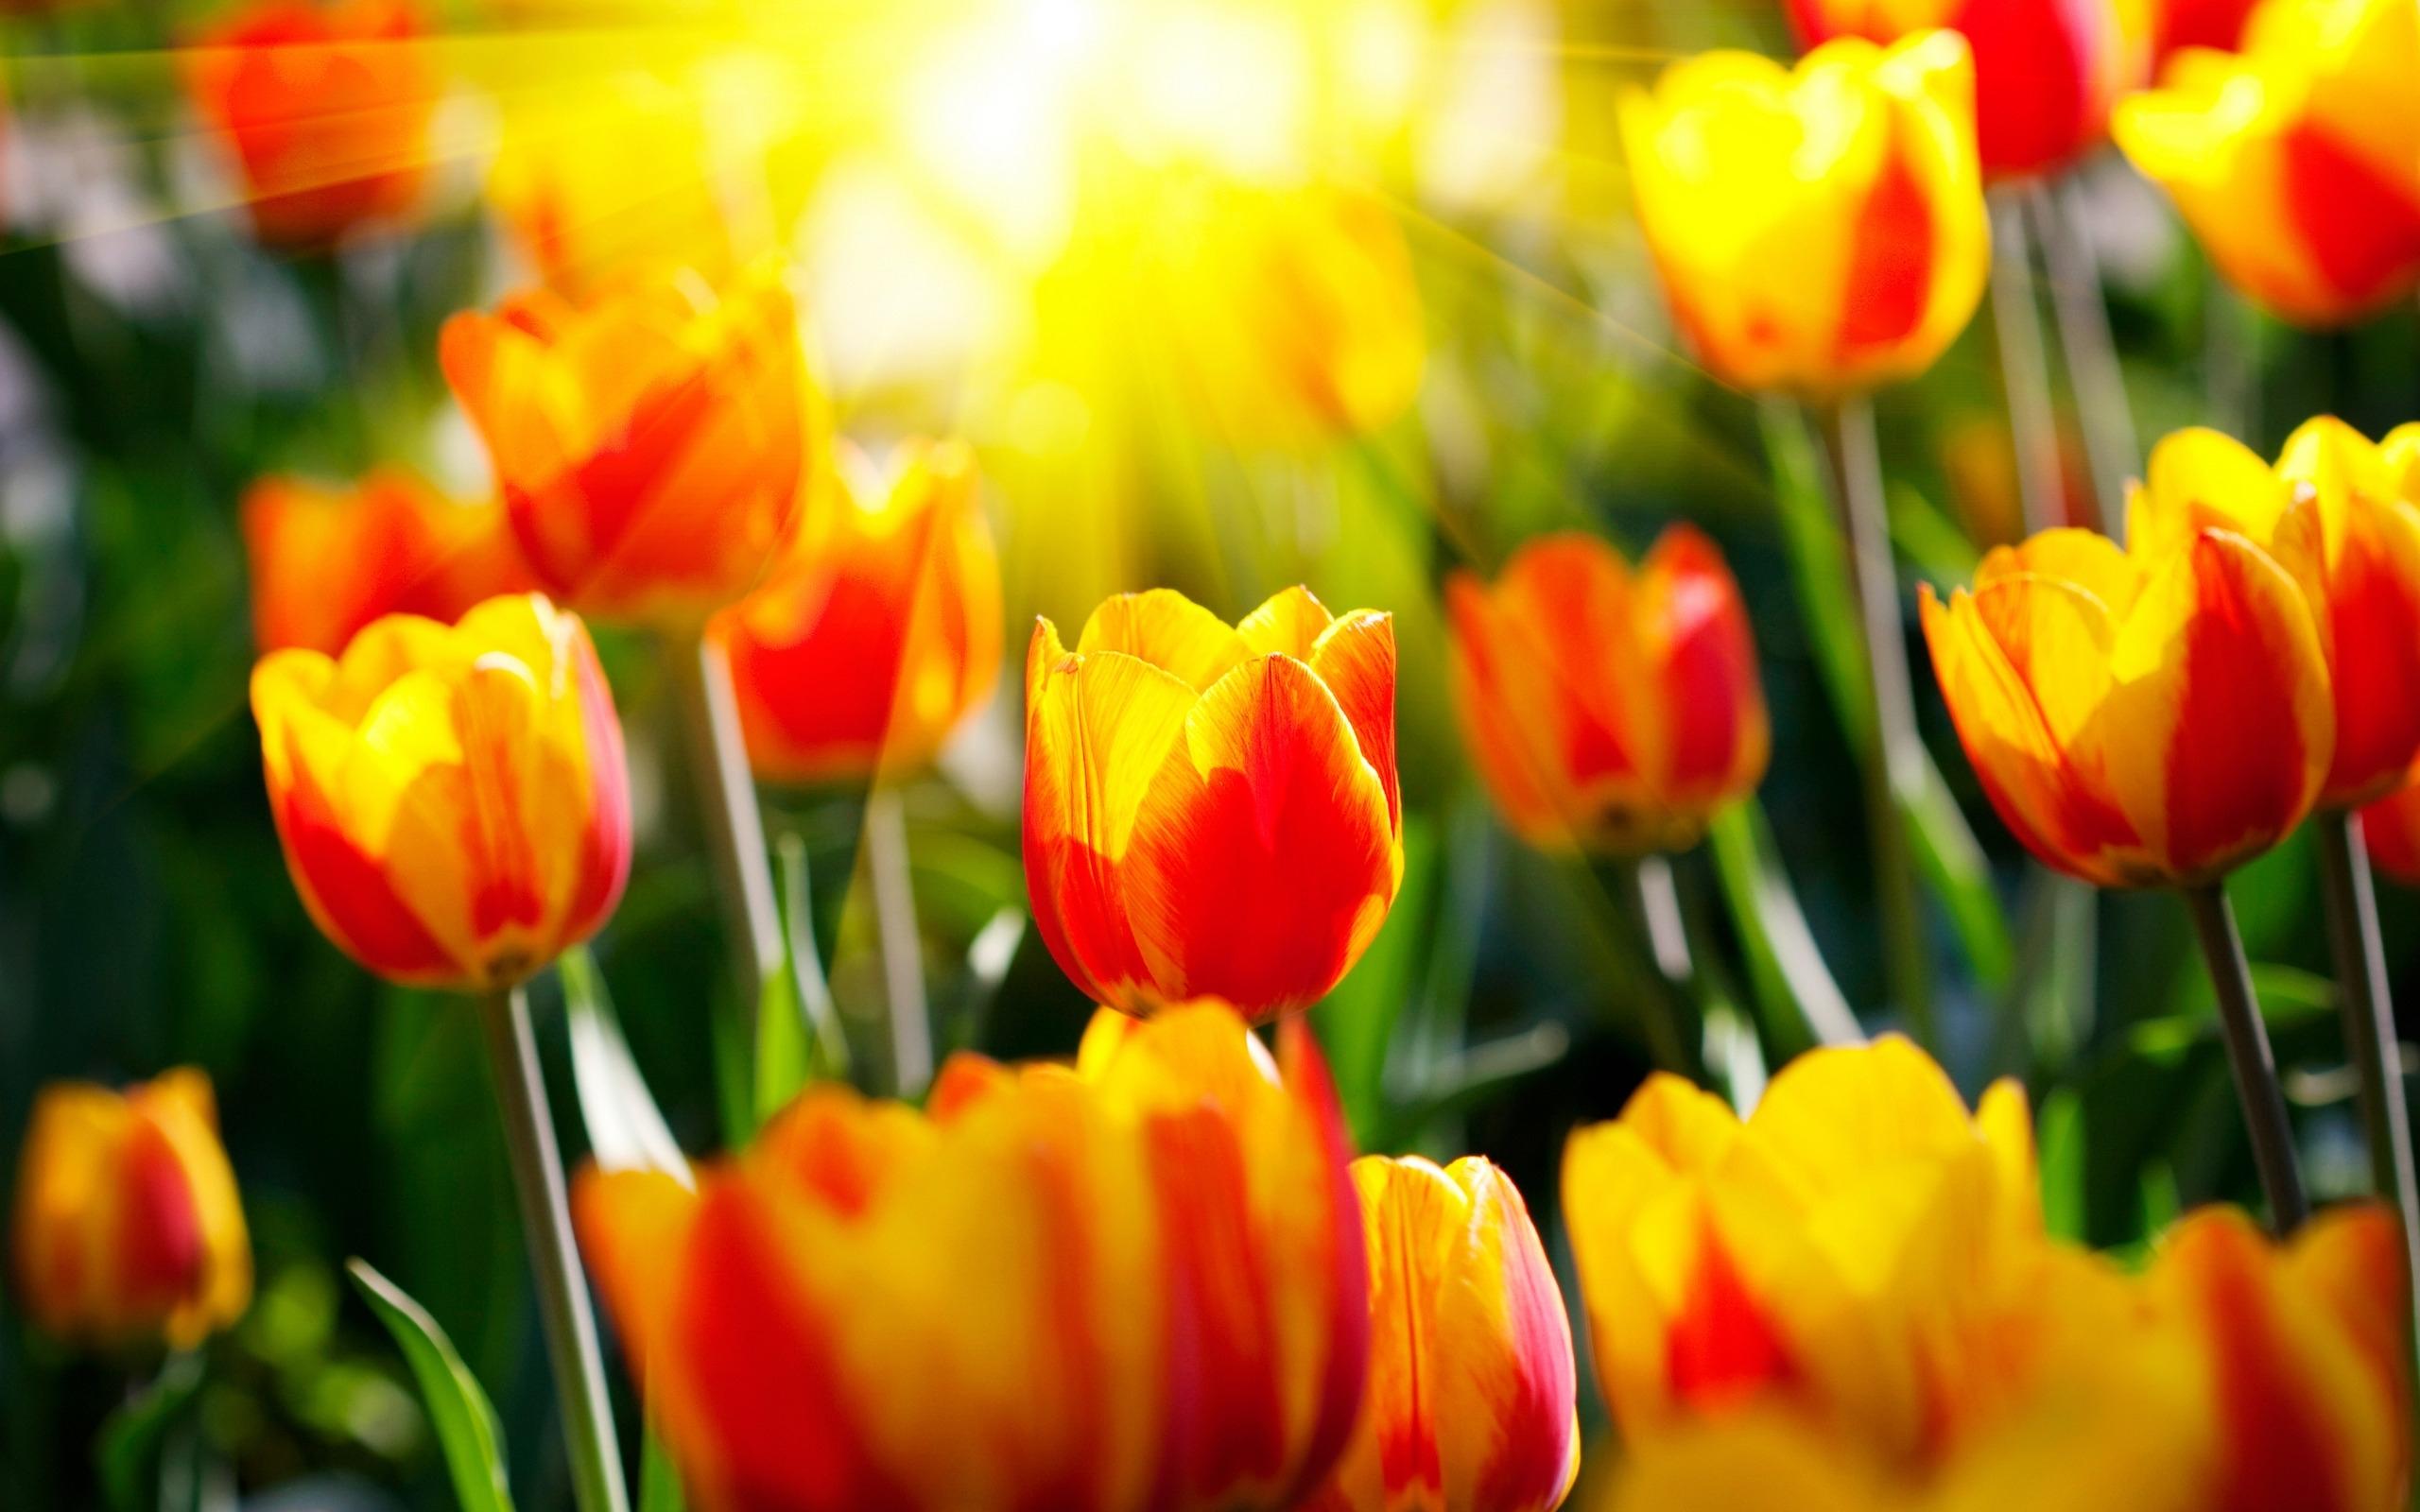 27752 скачать обои Цветы, Фон, Тюльпаны - заставки и картинки бесплатно